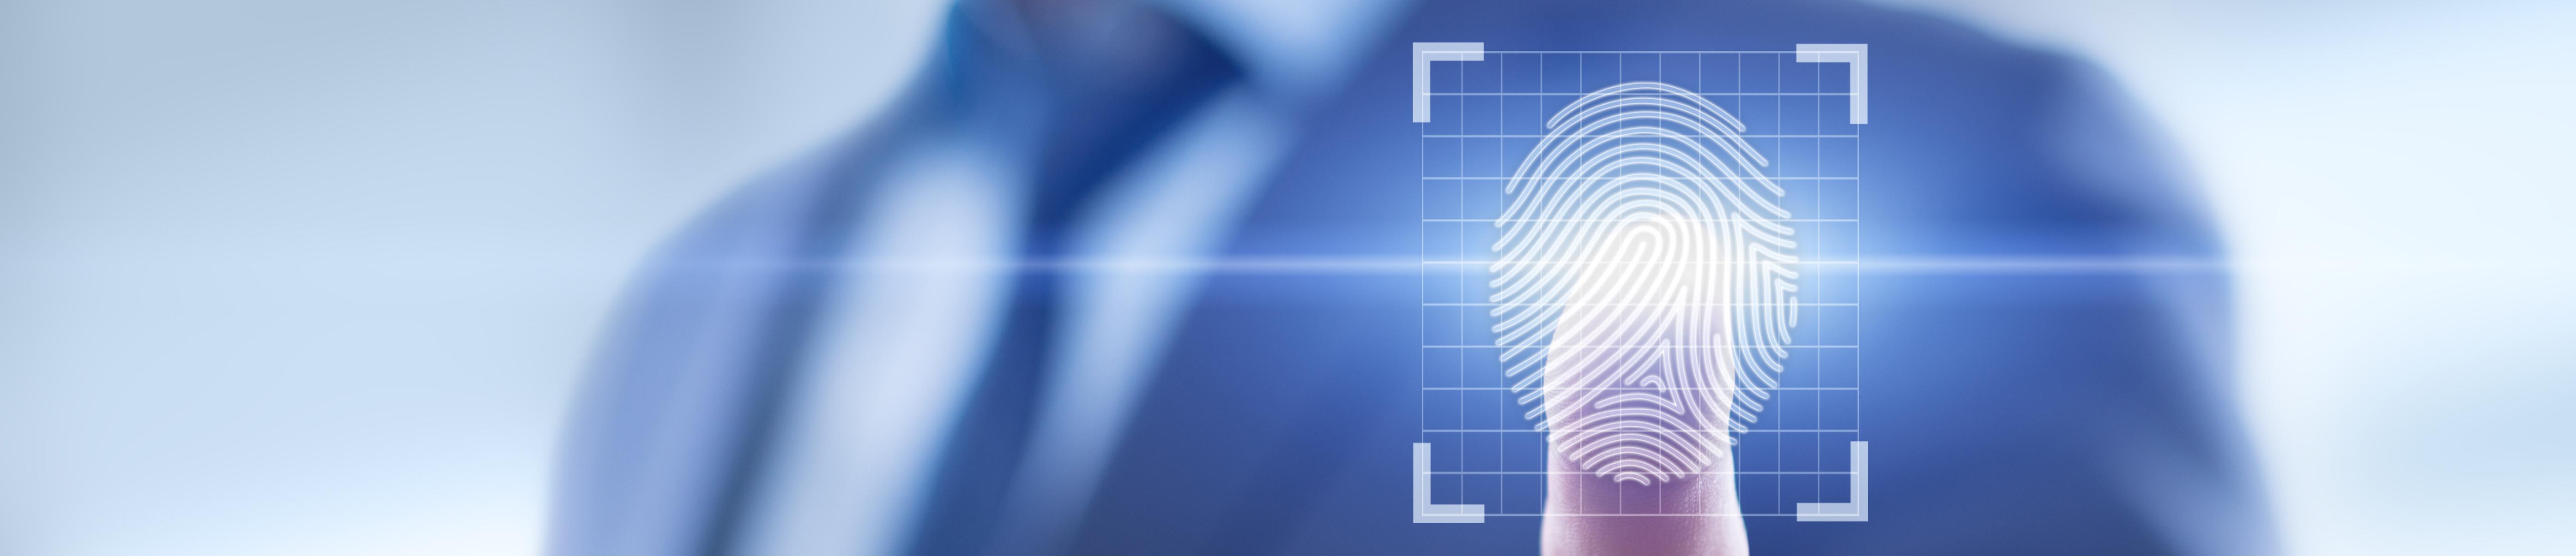 Coppernic lance sa nouvelle solution Celsius ID